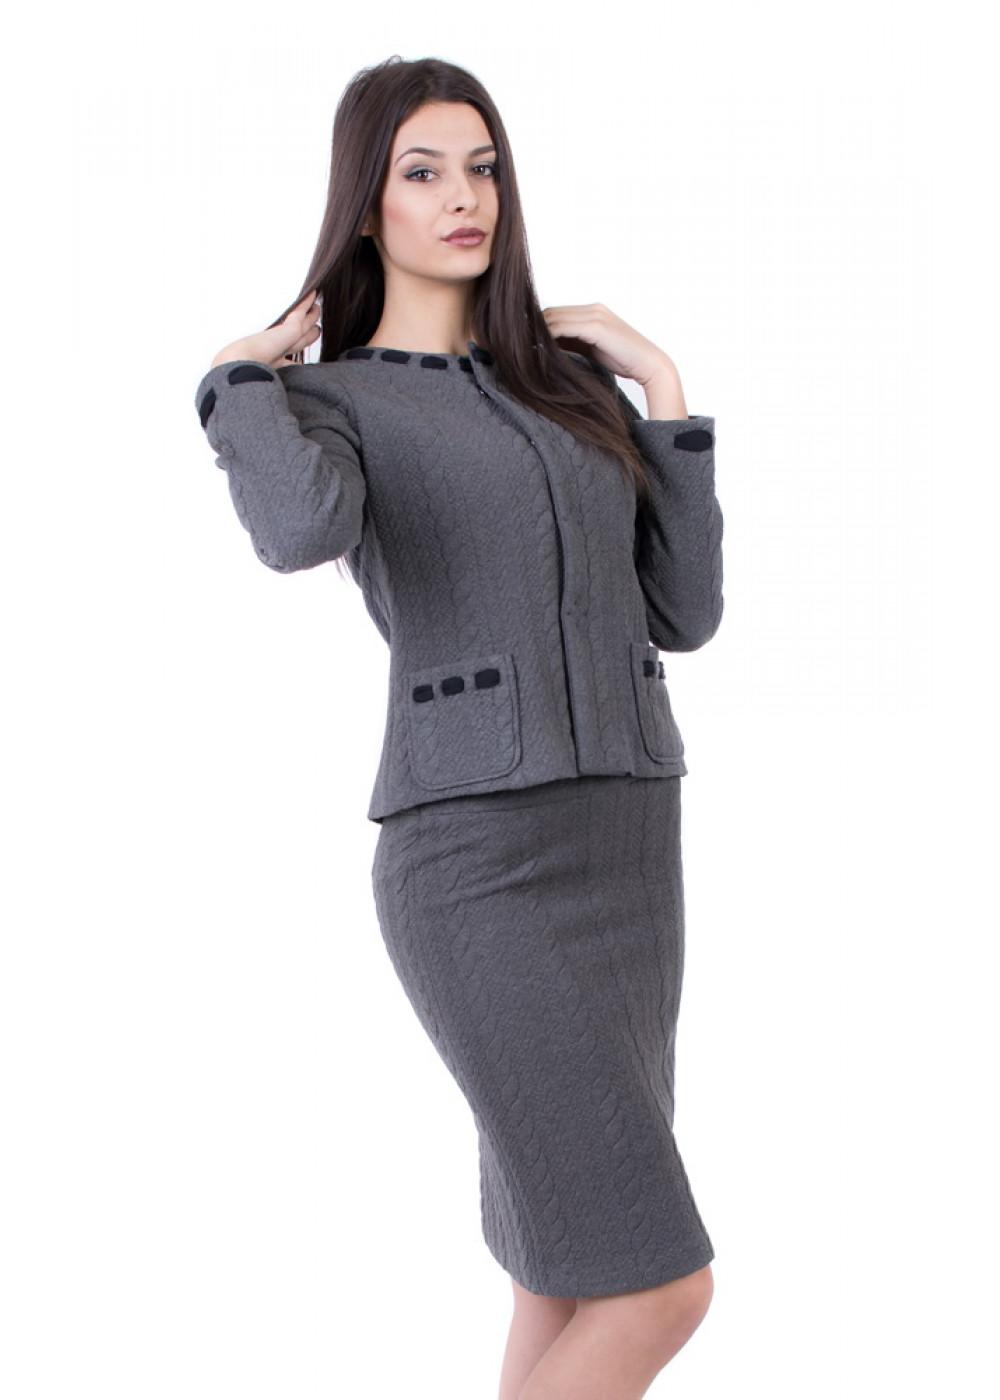 Costume avec une jupe en gris, adapté aux occasions formelles